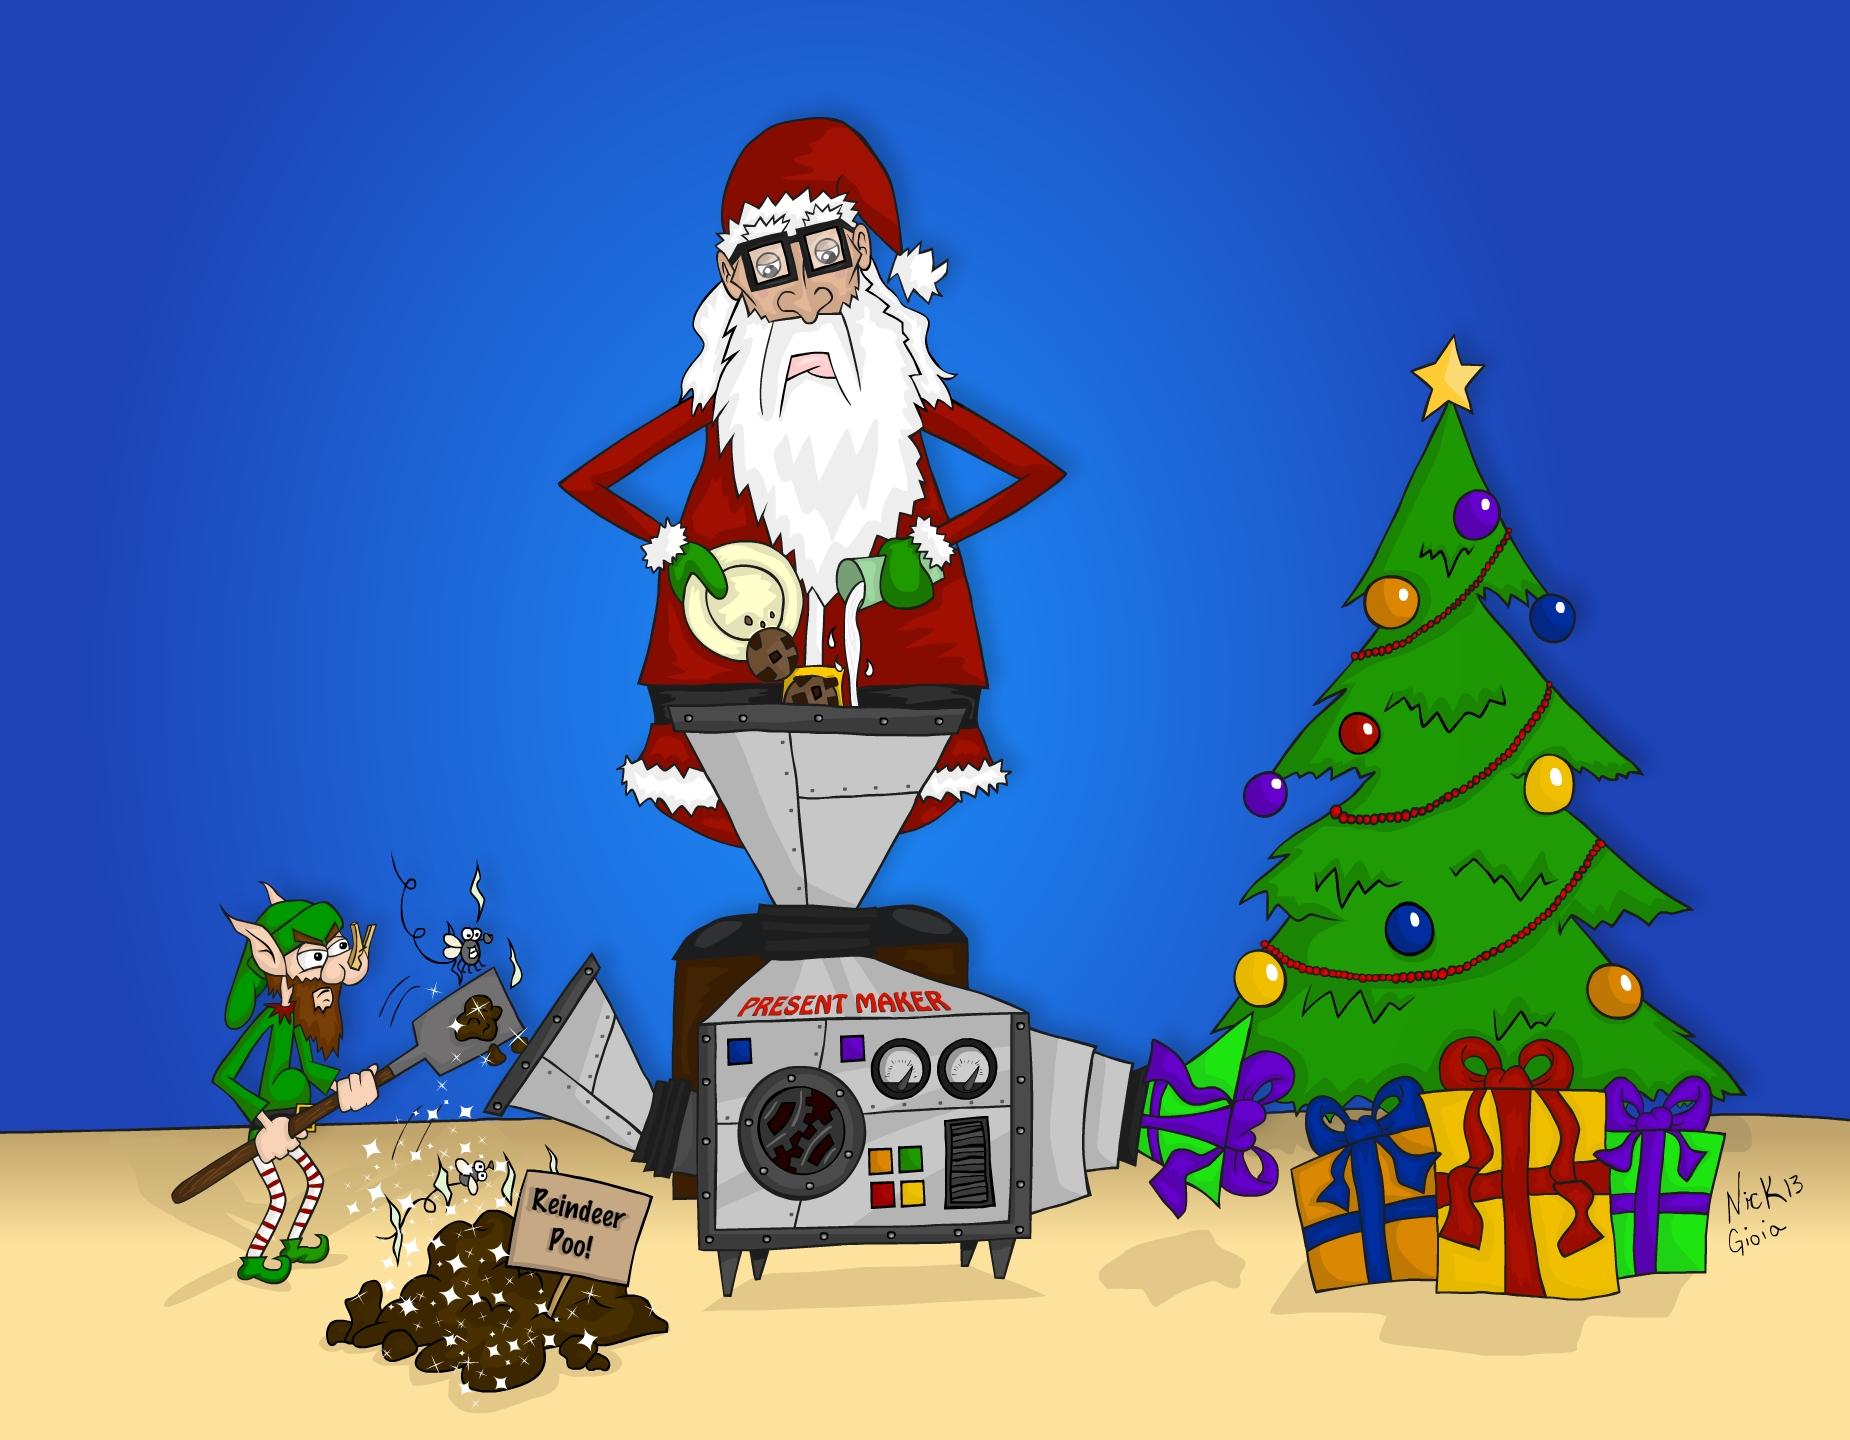 Bama S Christmas Gifts Giving Away Houses Cars Etc